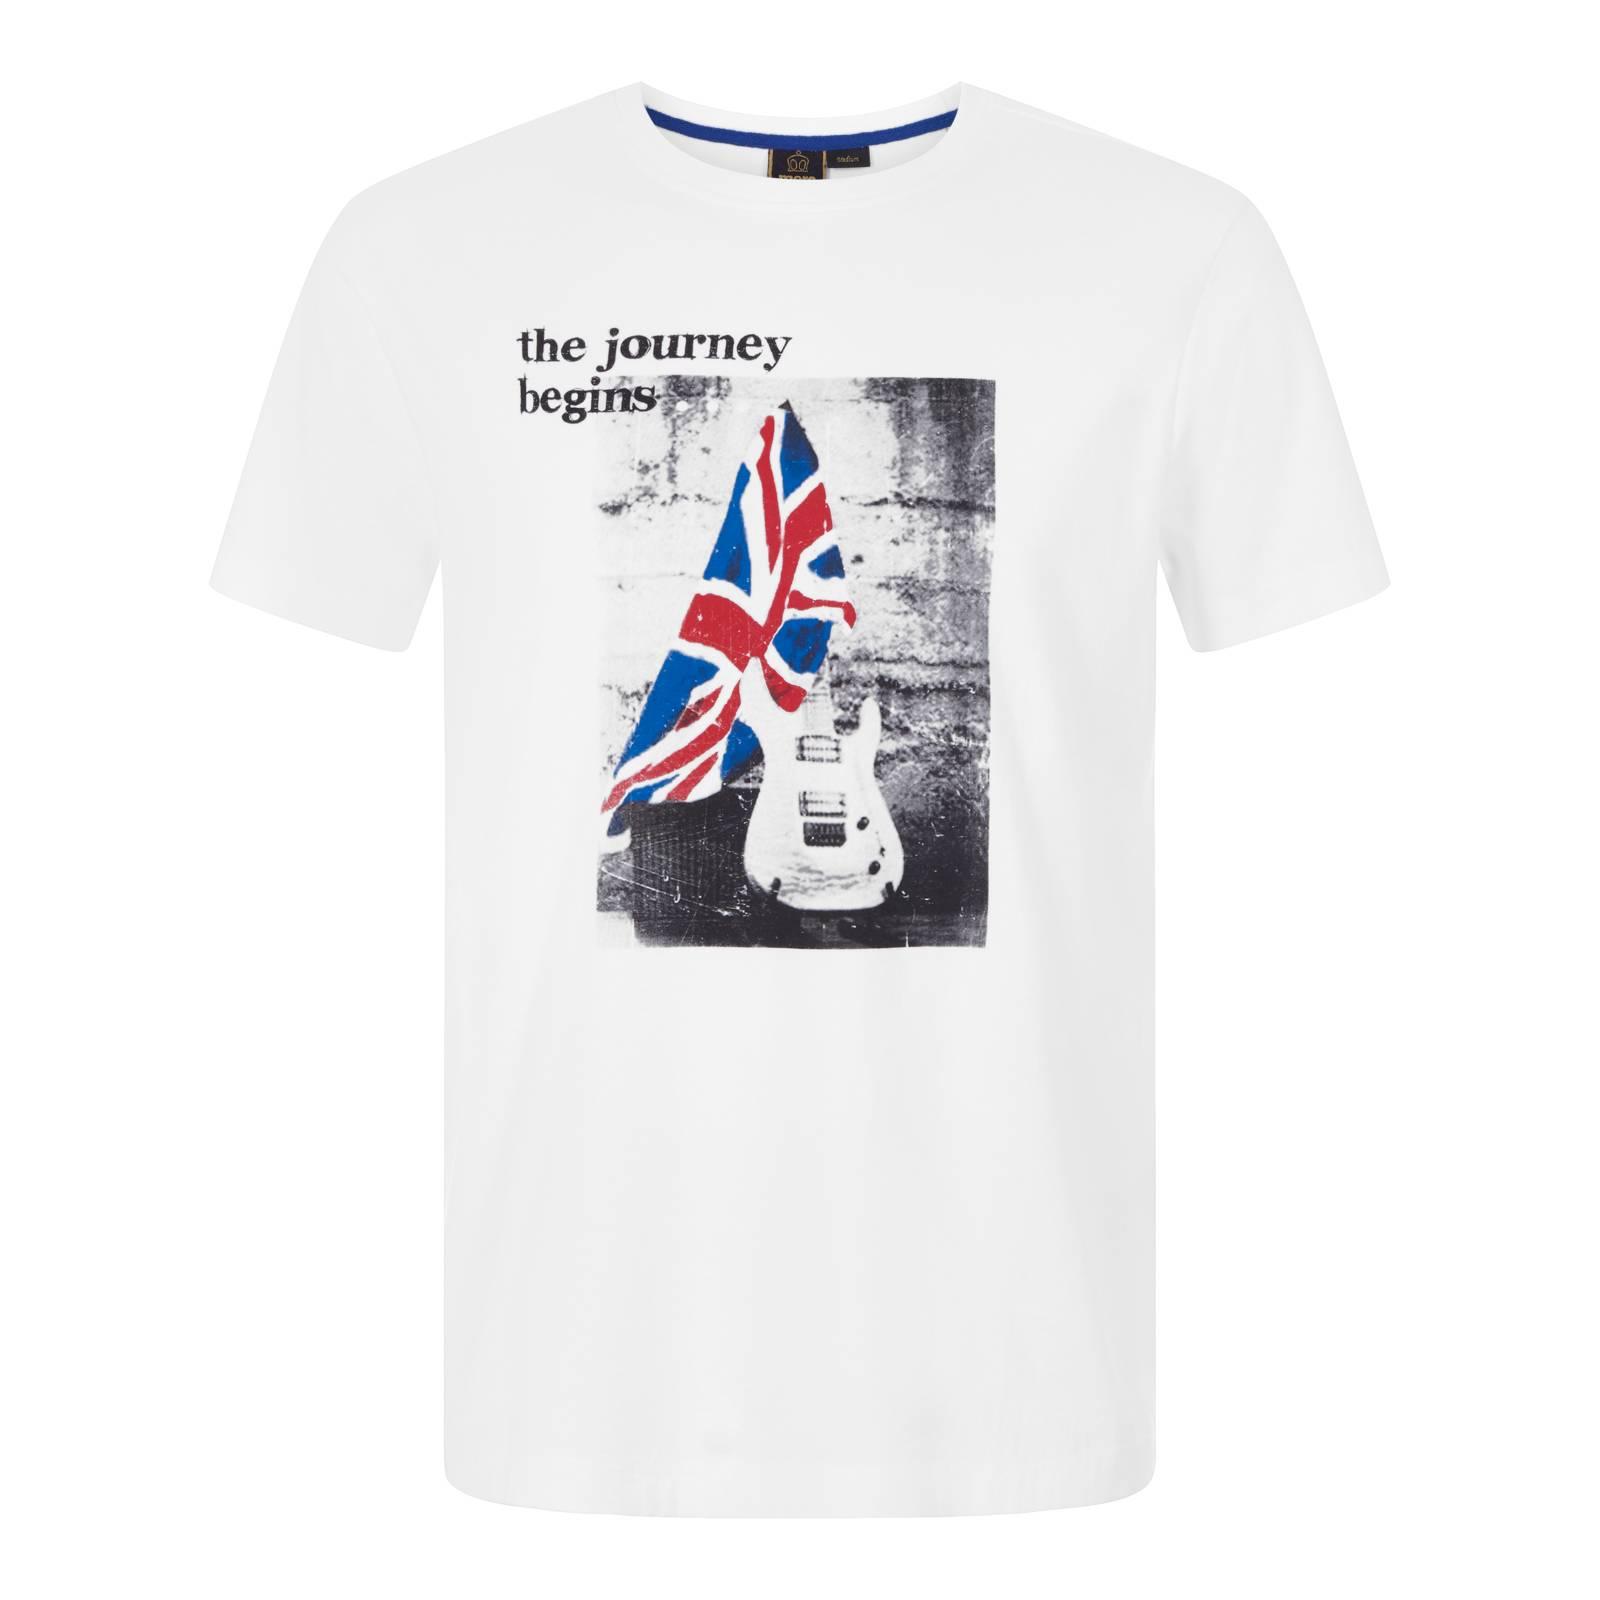 Футболка SolwayСлайдер на главной<br>Регулярного покроя мужская хлопковая футболка из легкой высококачественной ткани Джерси. Эффектный, устойчивый к истиранию принт символизирует британскую идентичность марки и её историческую связь с легендарной музыкальной сценой эпохи Свингующих Шестидесятых.<br><br>Артикул: 1717104<br>Материал: 100% хлопок<br>Цвет: белый<br>Пол: Мужской